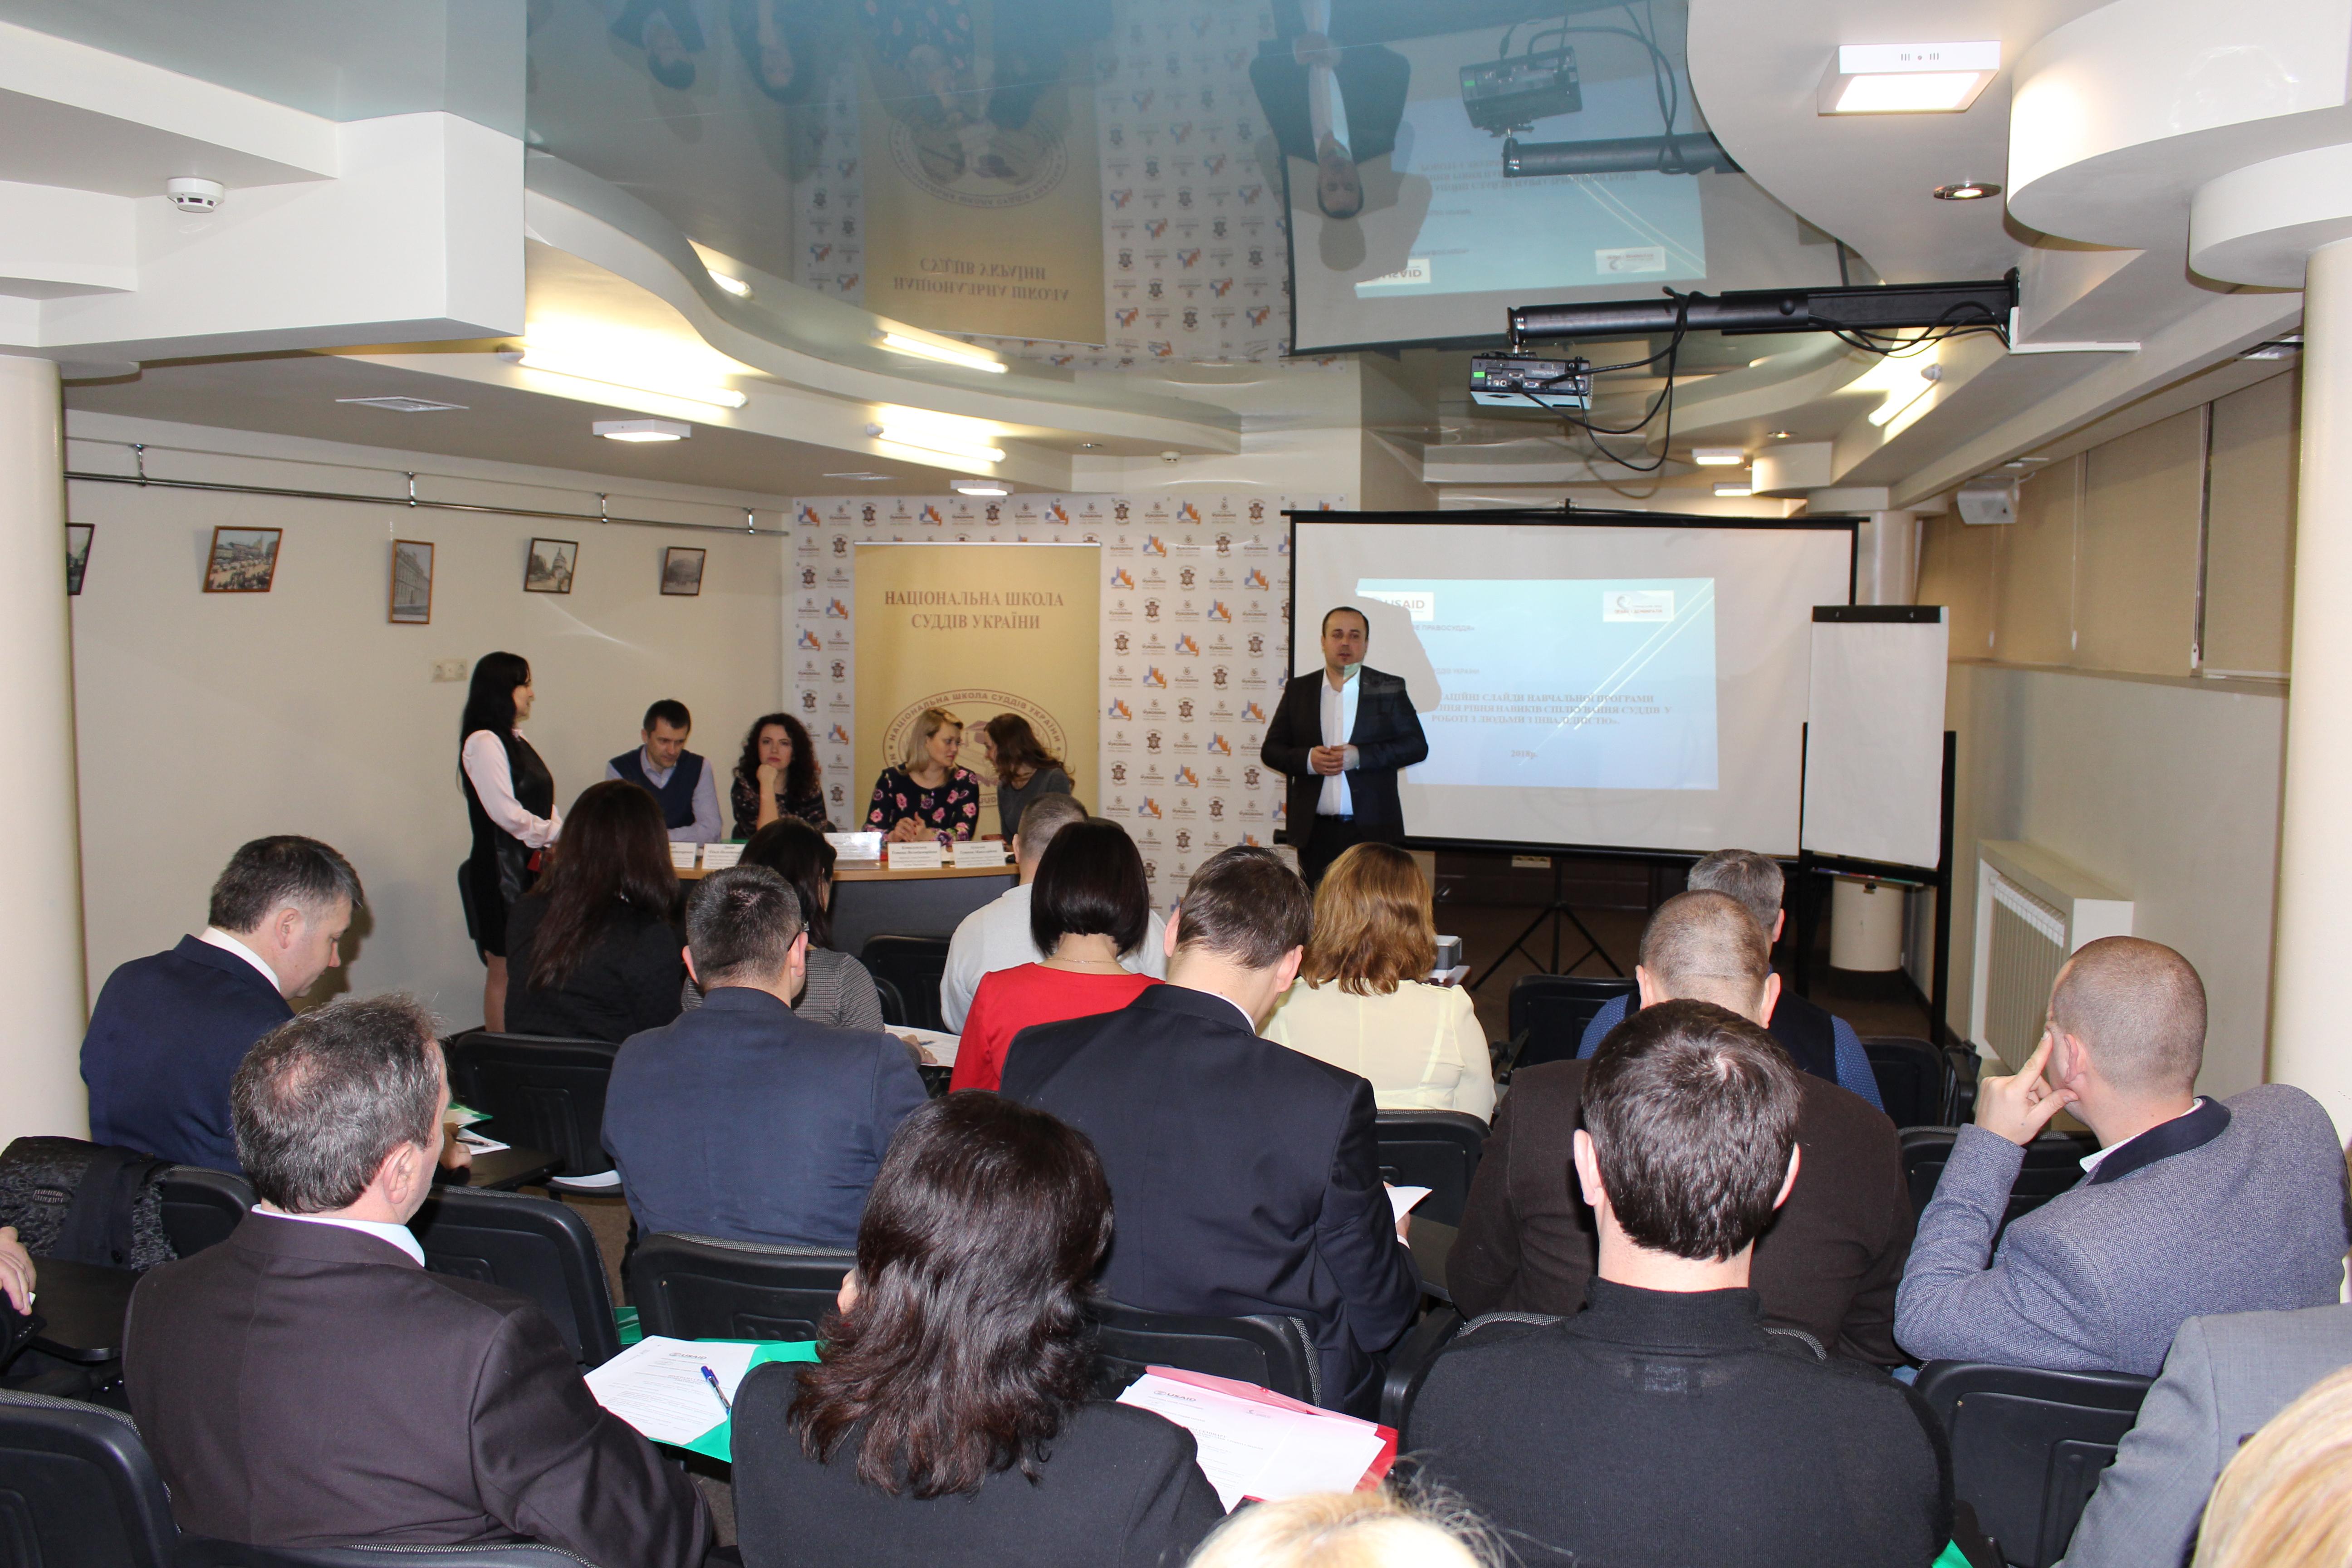 У Чернівцях відбувся навчальний семінар для суддів щодо покращення комунікаційних навичок у роботі із людьми з інвалідністю.